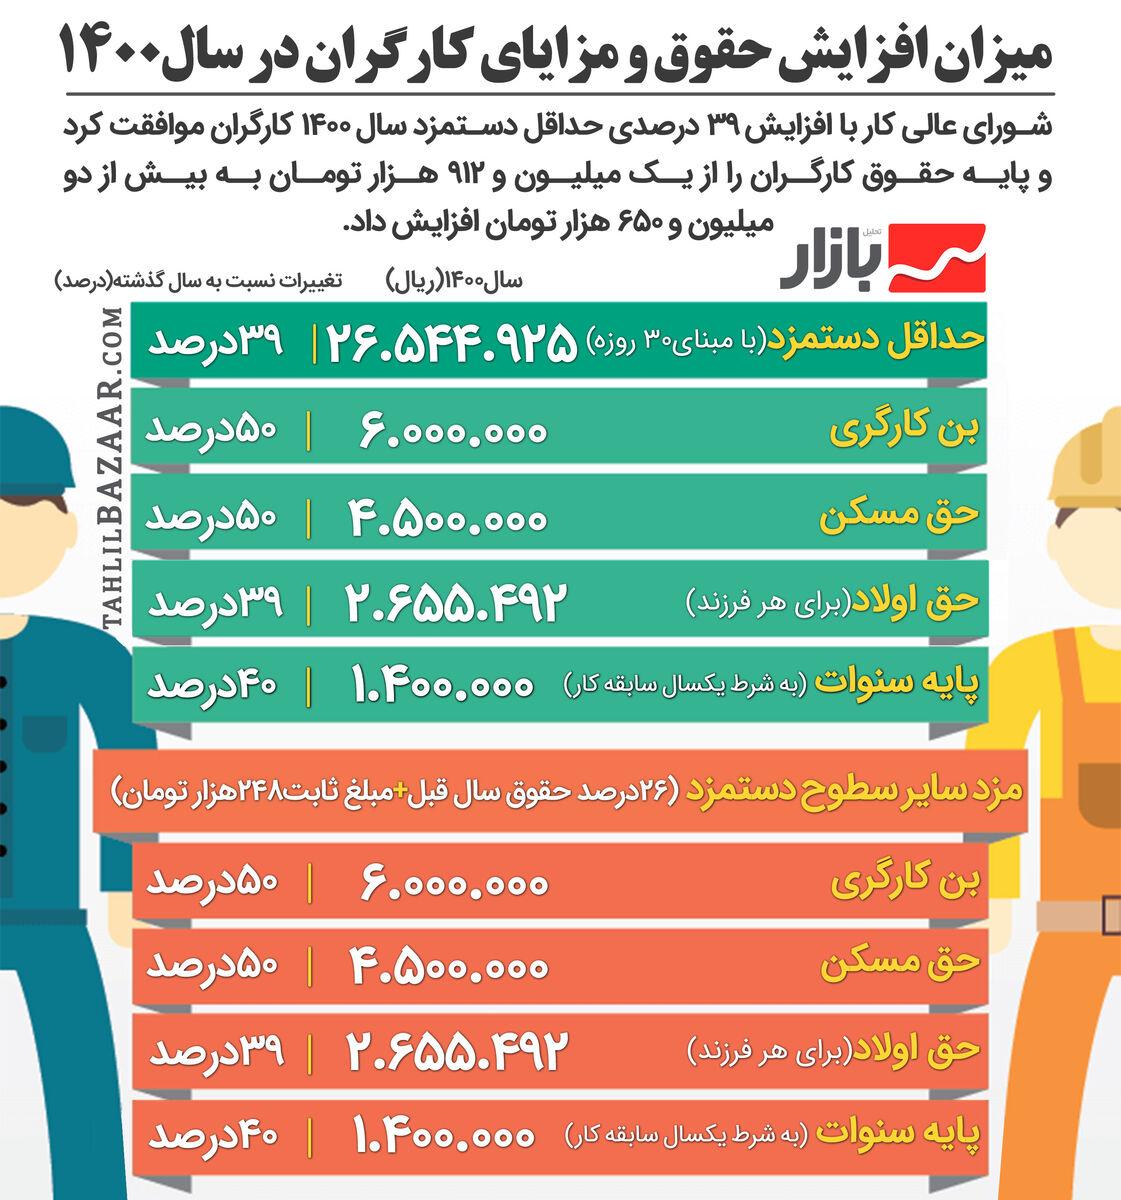 میزان افزایش حقوق و مزایای کارگران در سال1400